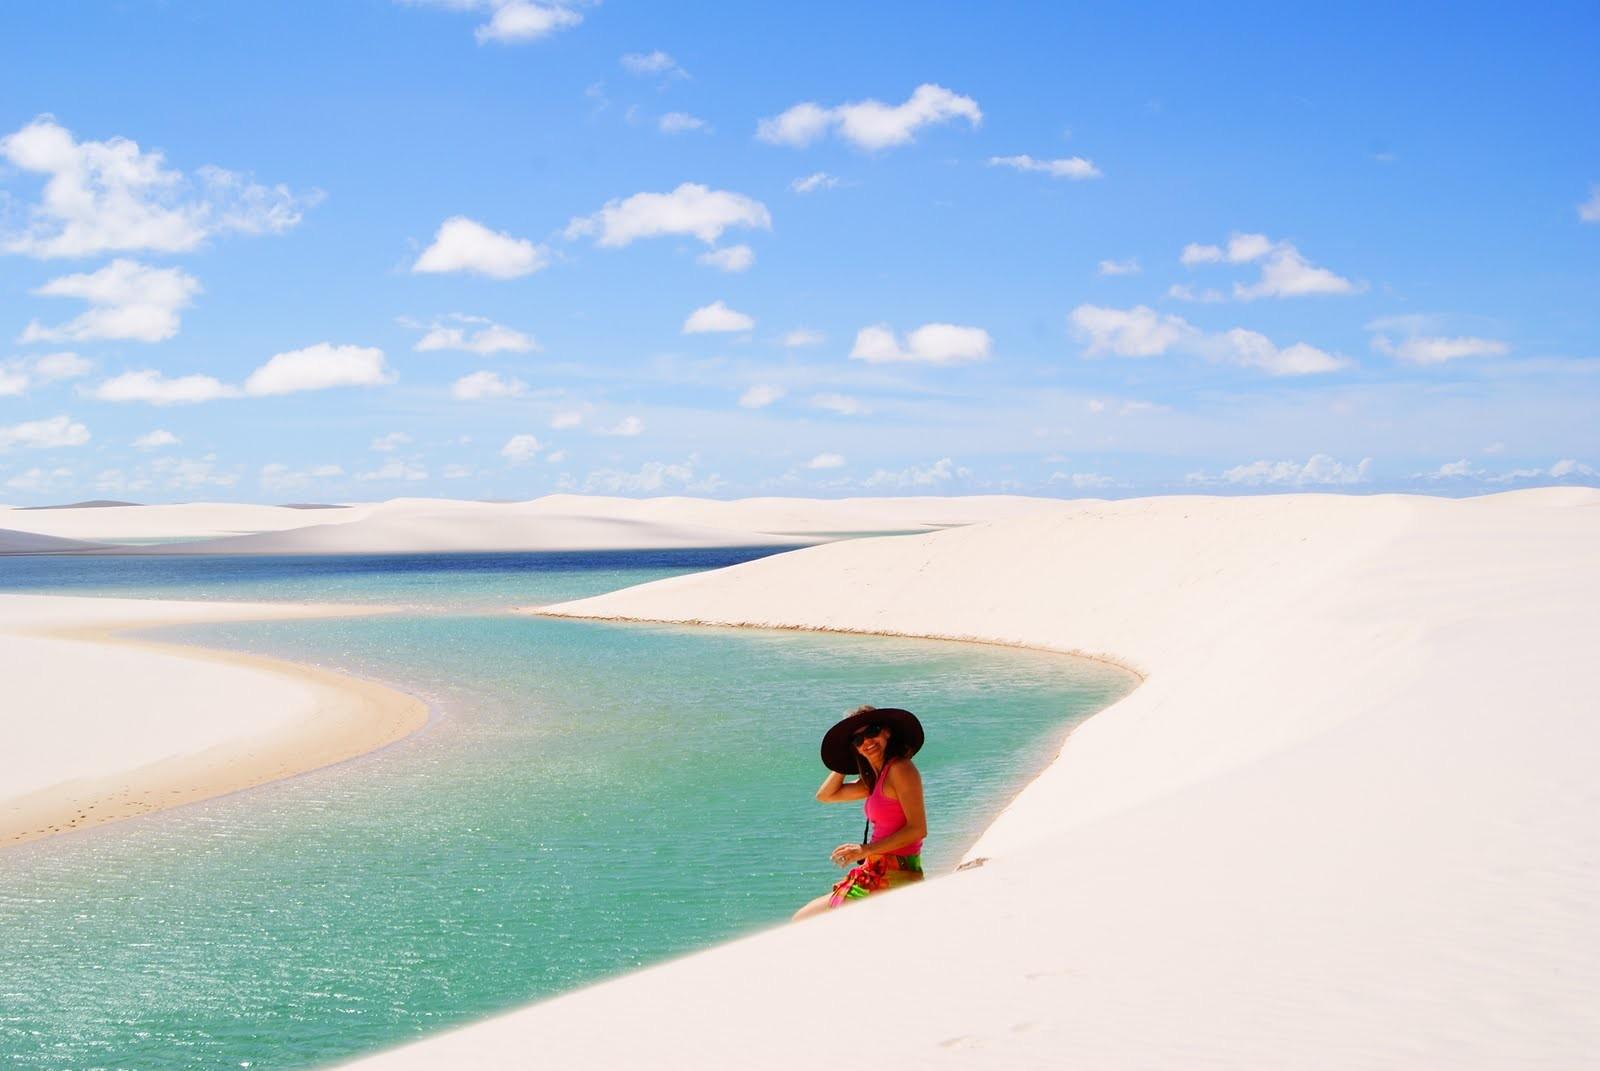 Để một lần vẫy vùng cùng sóng nước và thềm cát mịn